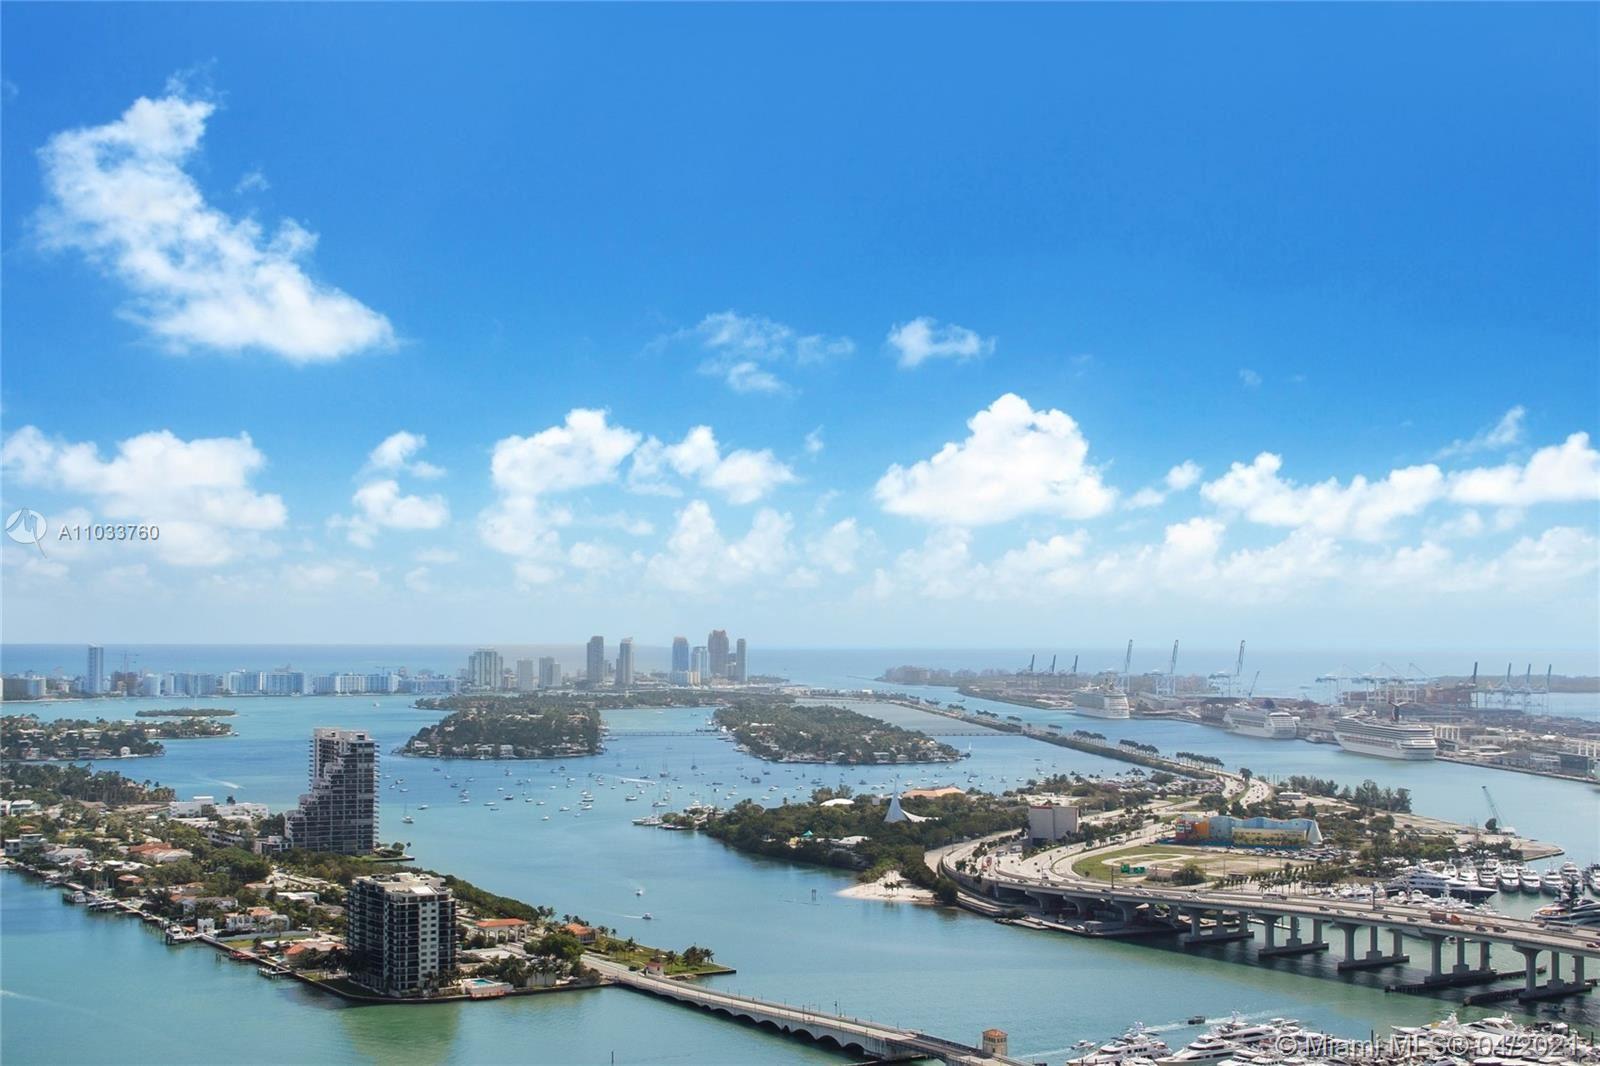 488 NE 18th St #4510, Miami, FL 33132 - #: A11033760